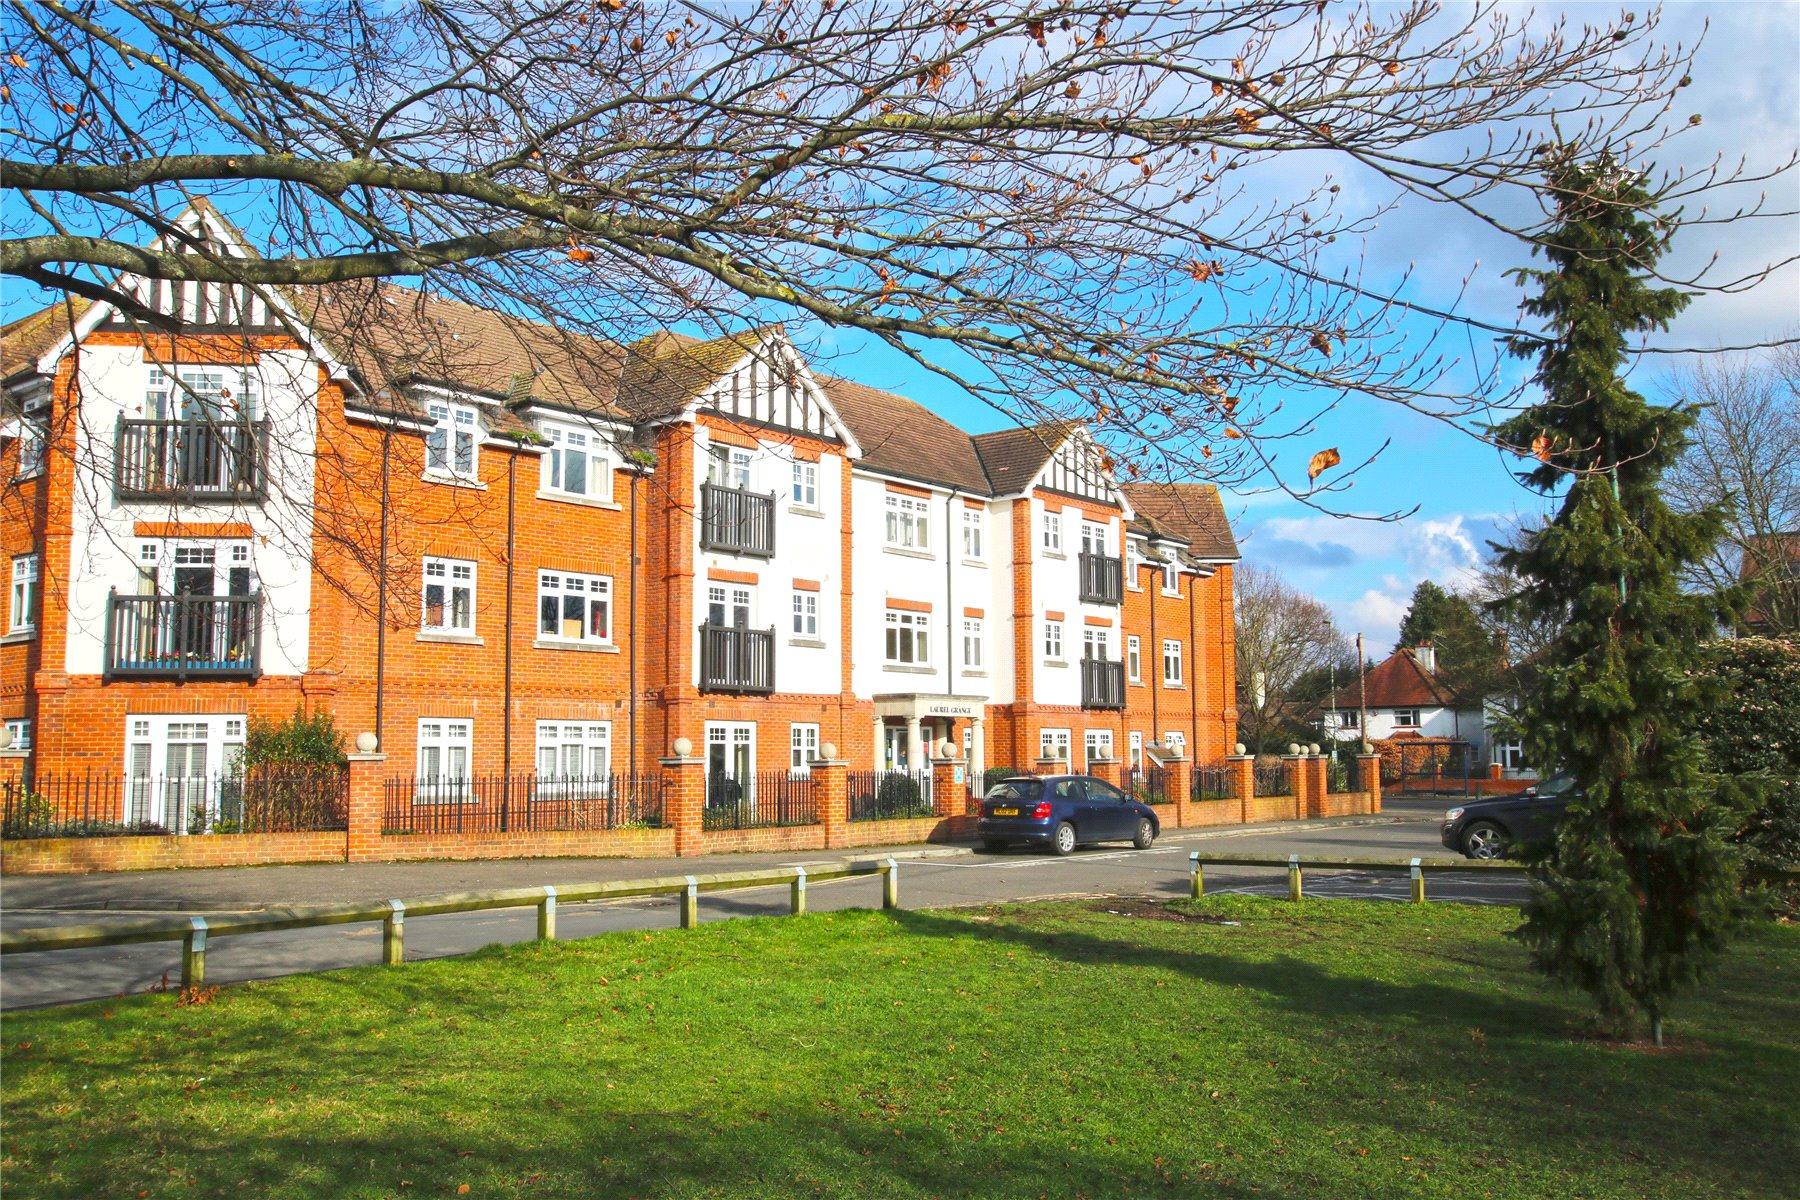 2 Bedrooms Retirement Property for sale in Laurel Grange, High Road, Byfleet, Surrey, KT14